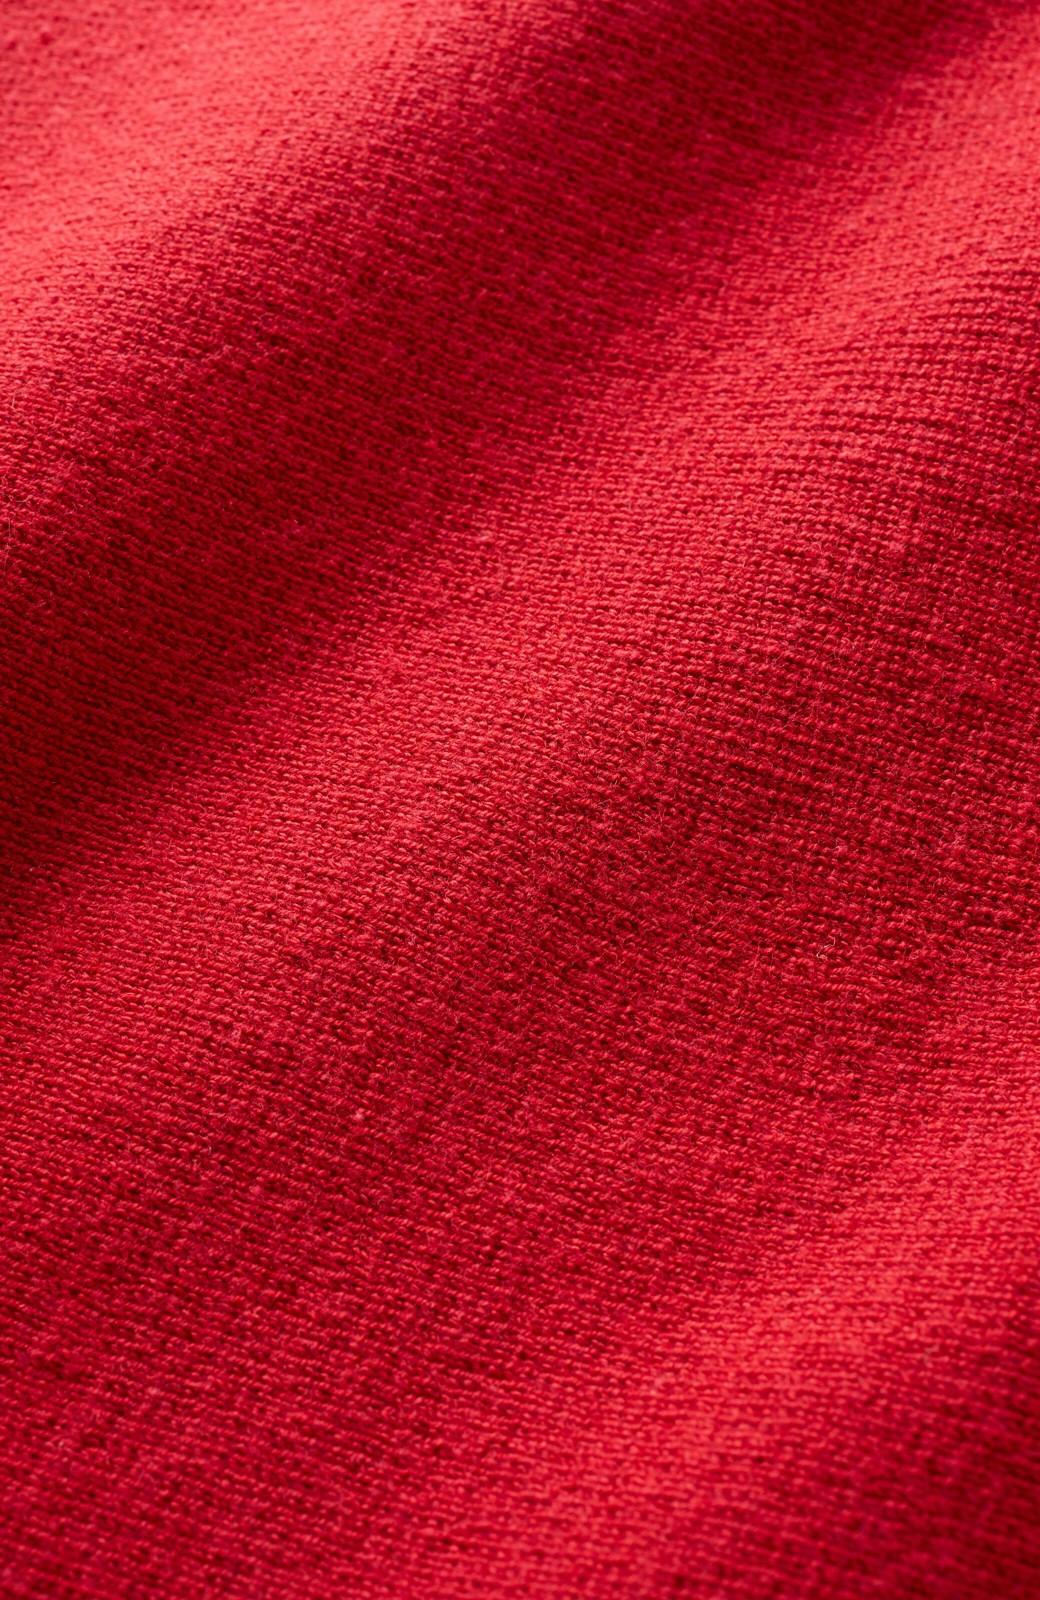 haco! 長ーーい季節着られてきちんとみせてくれる 便利なミラノリブニット <レッド>の商品写真3